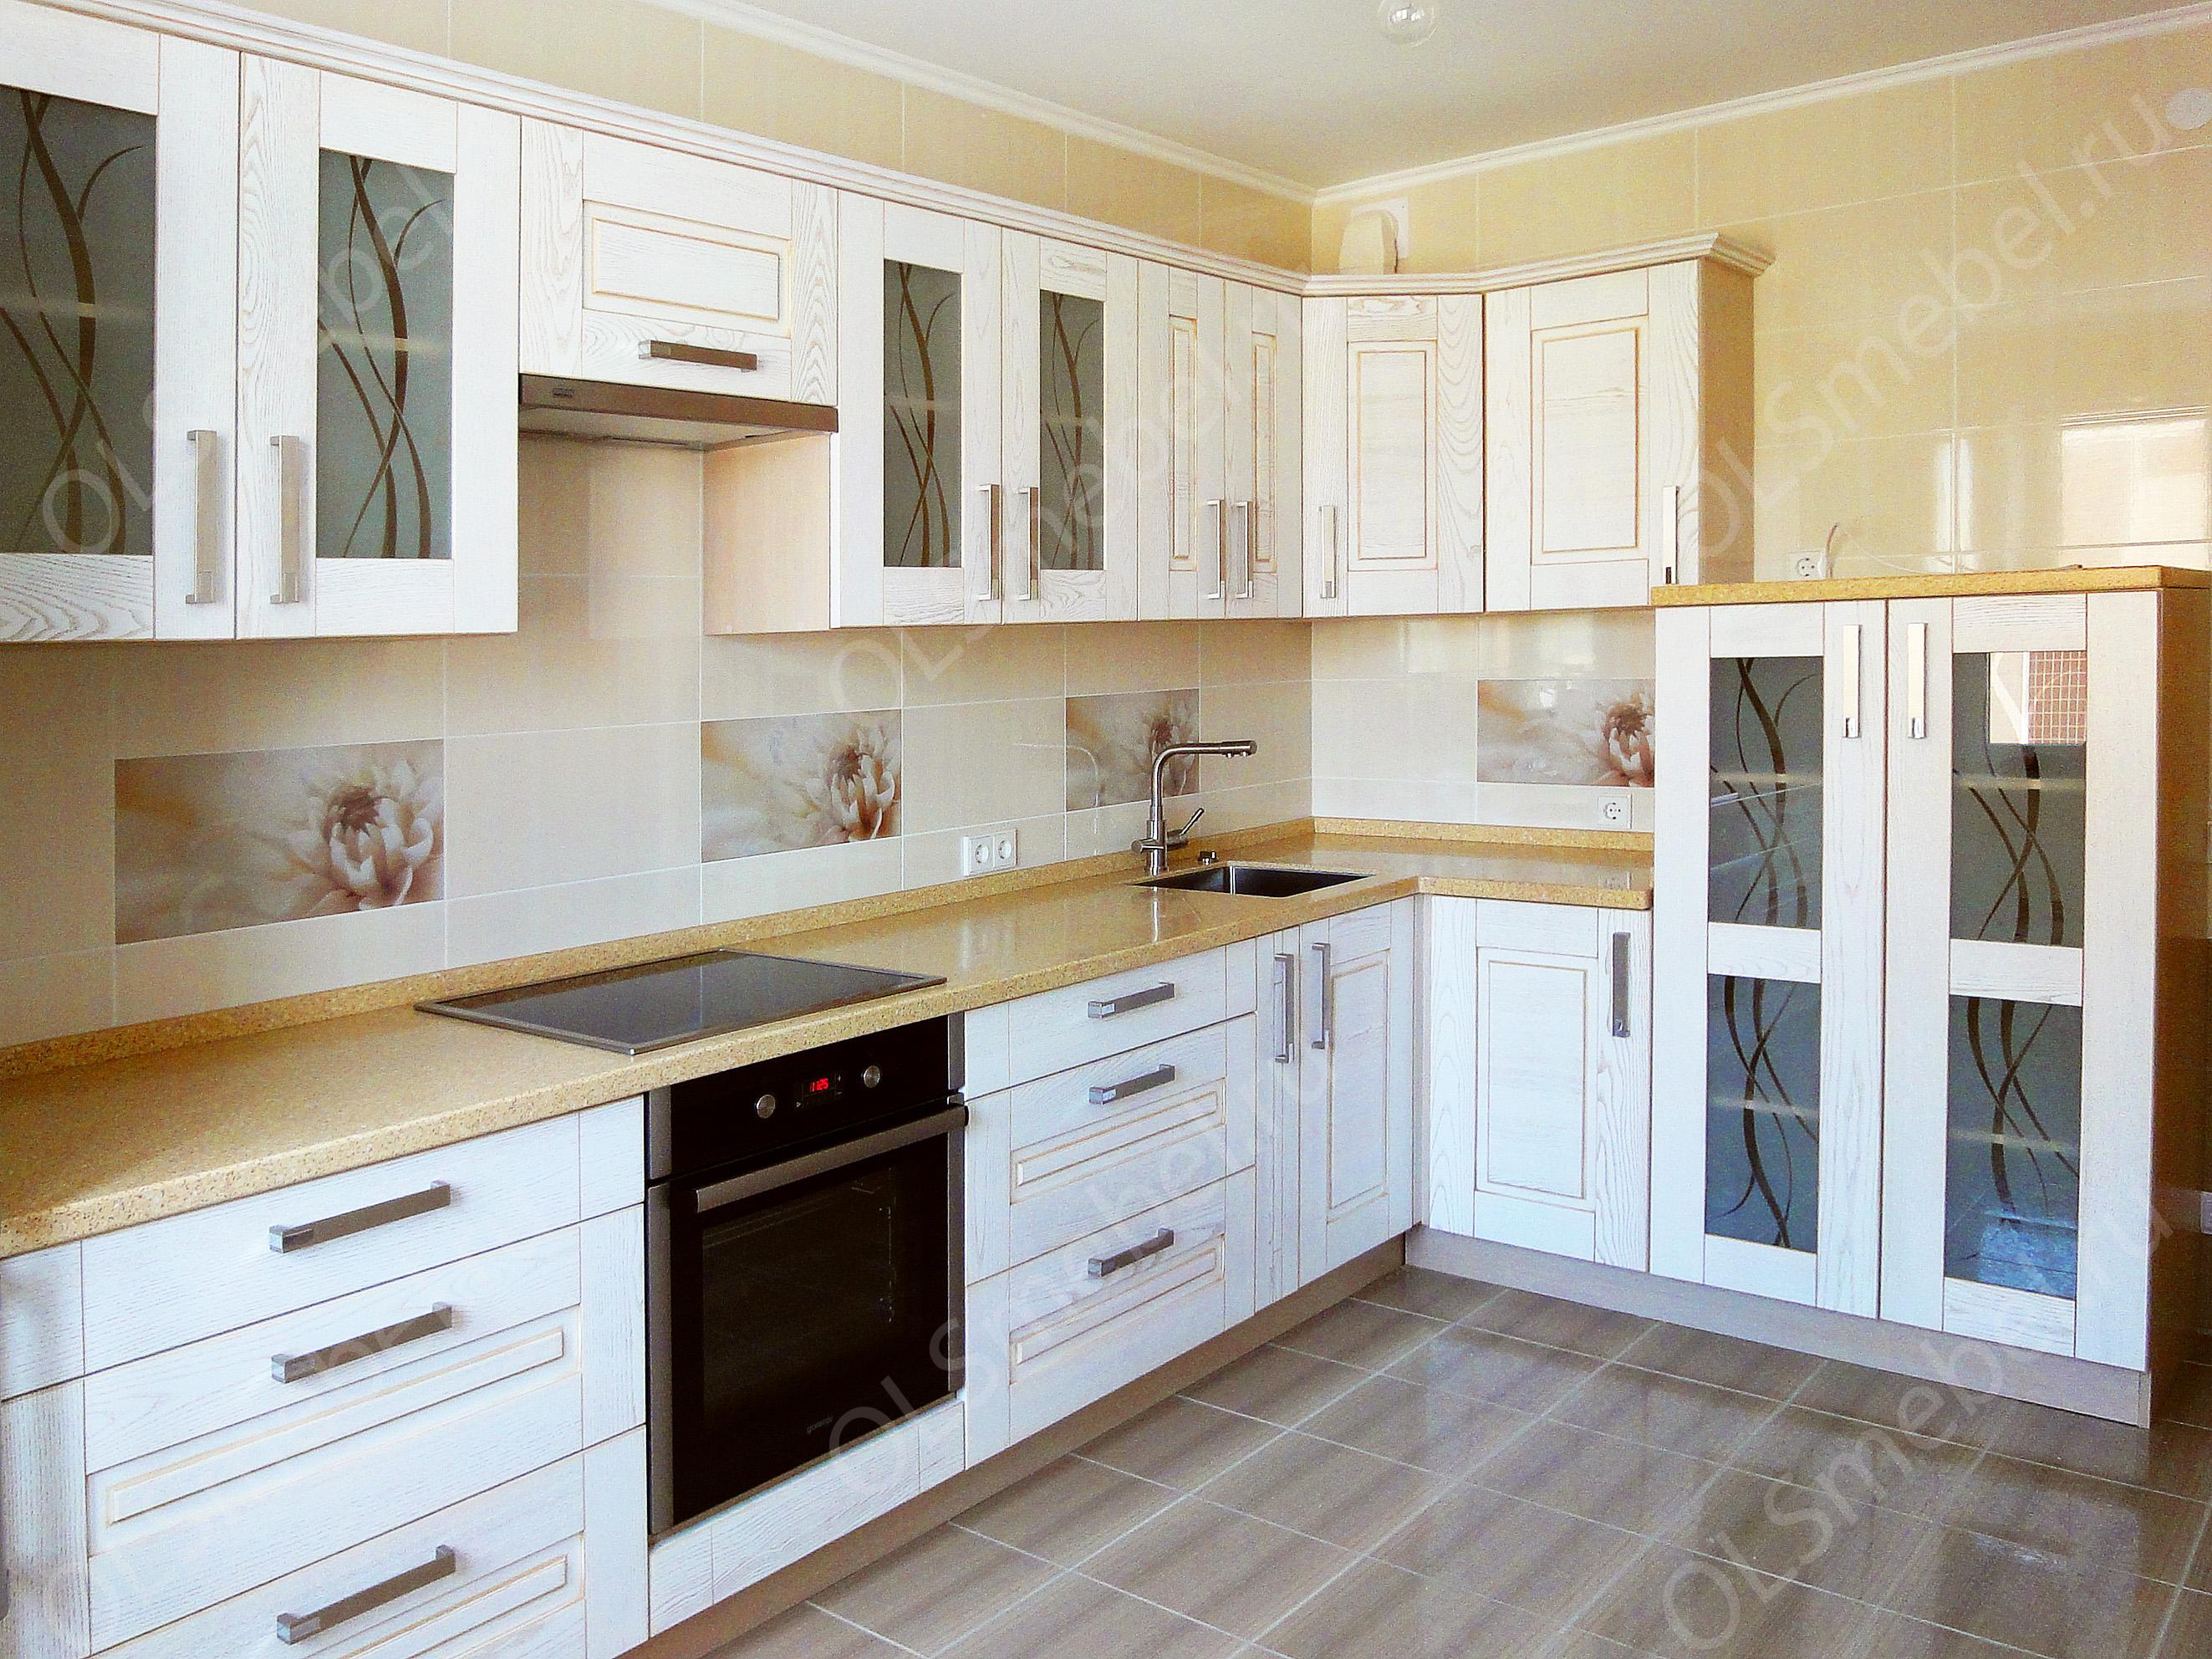 фото и цены кухонь икеа